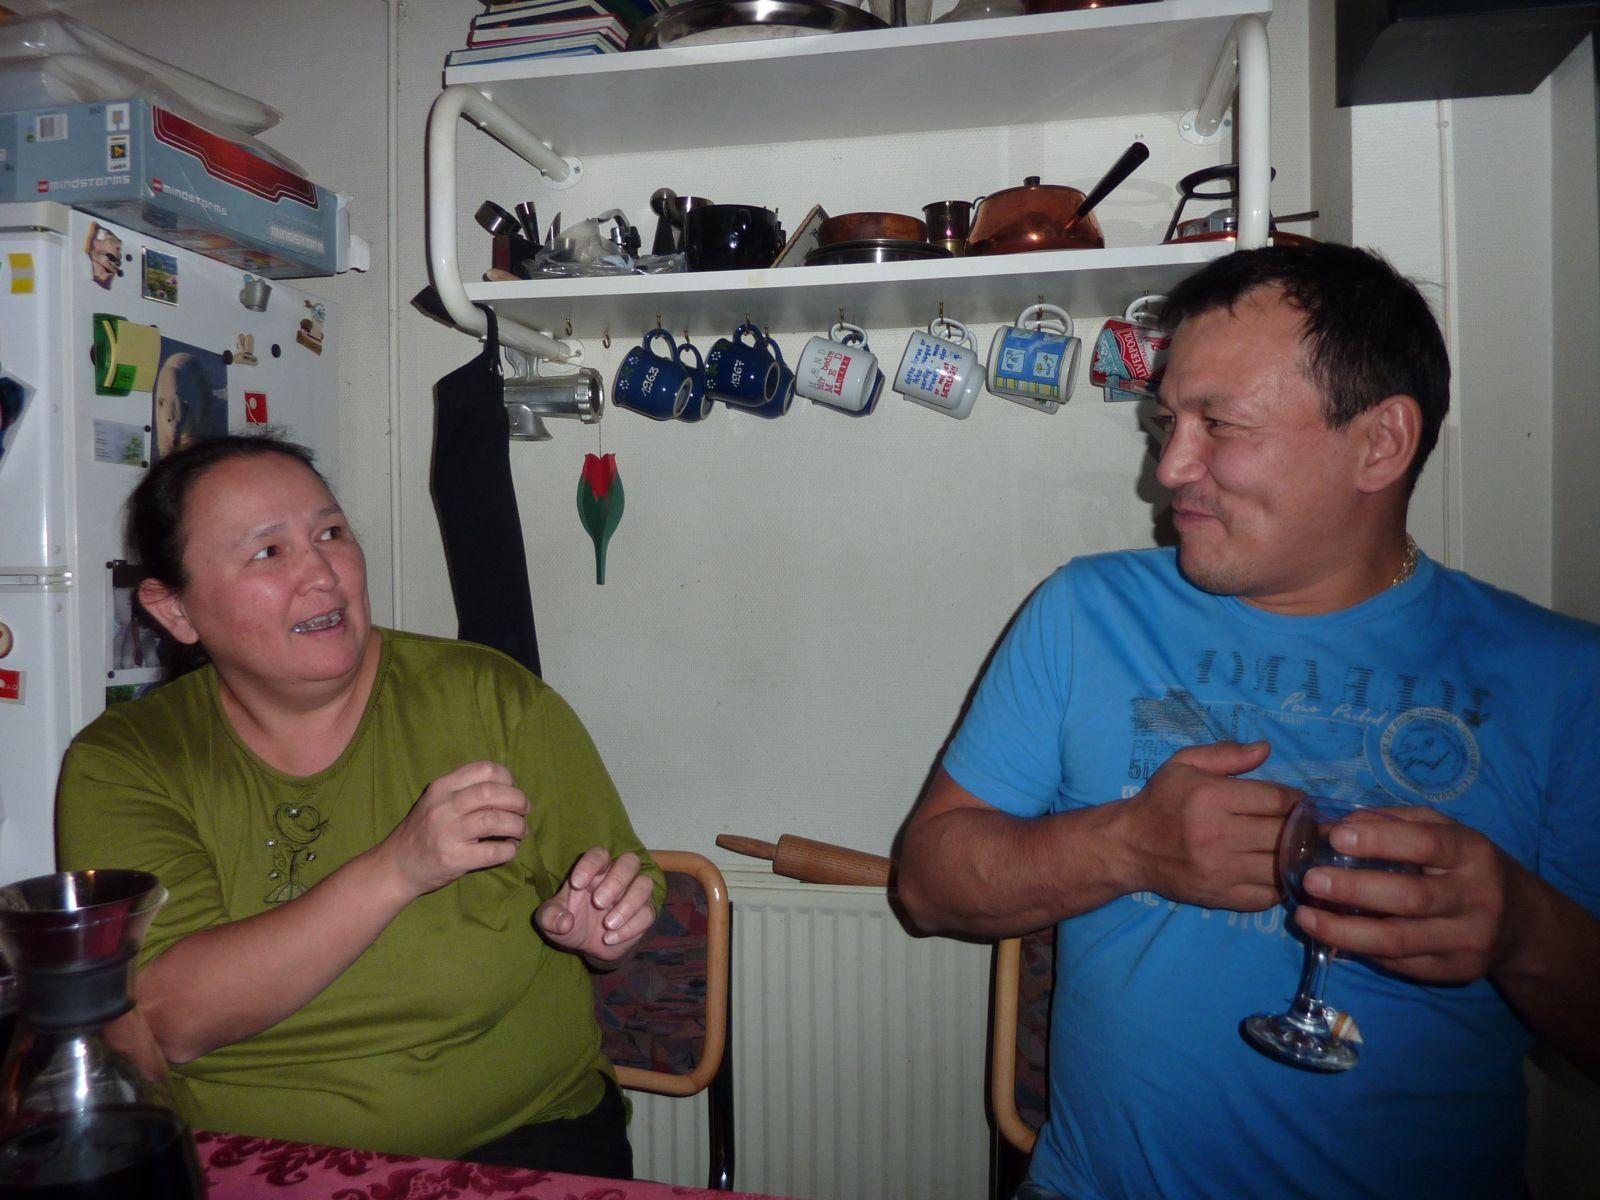 2010-12-24-2323_-_Georg Mikkelsen Lennert; Maren Mikkelsen Lennert